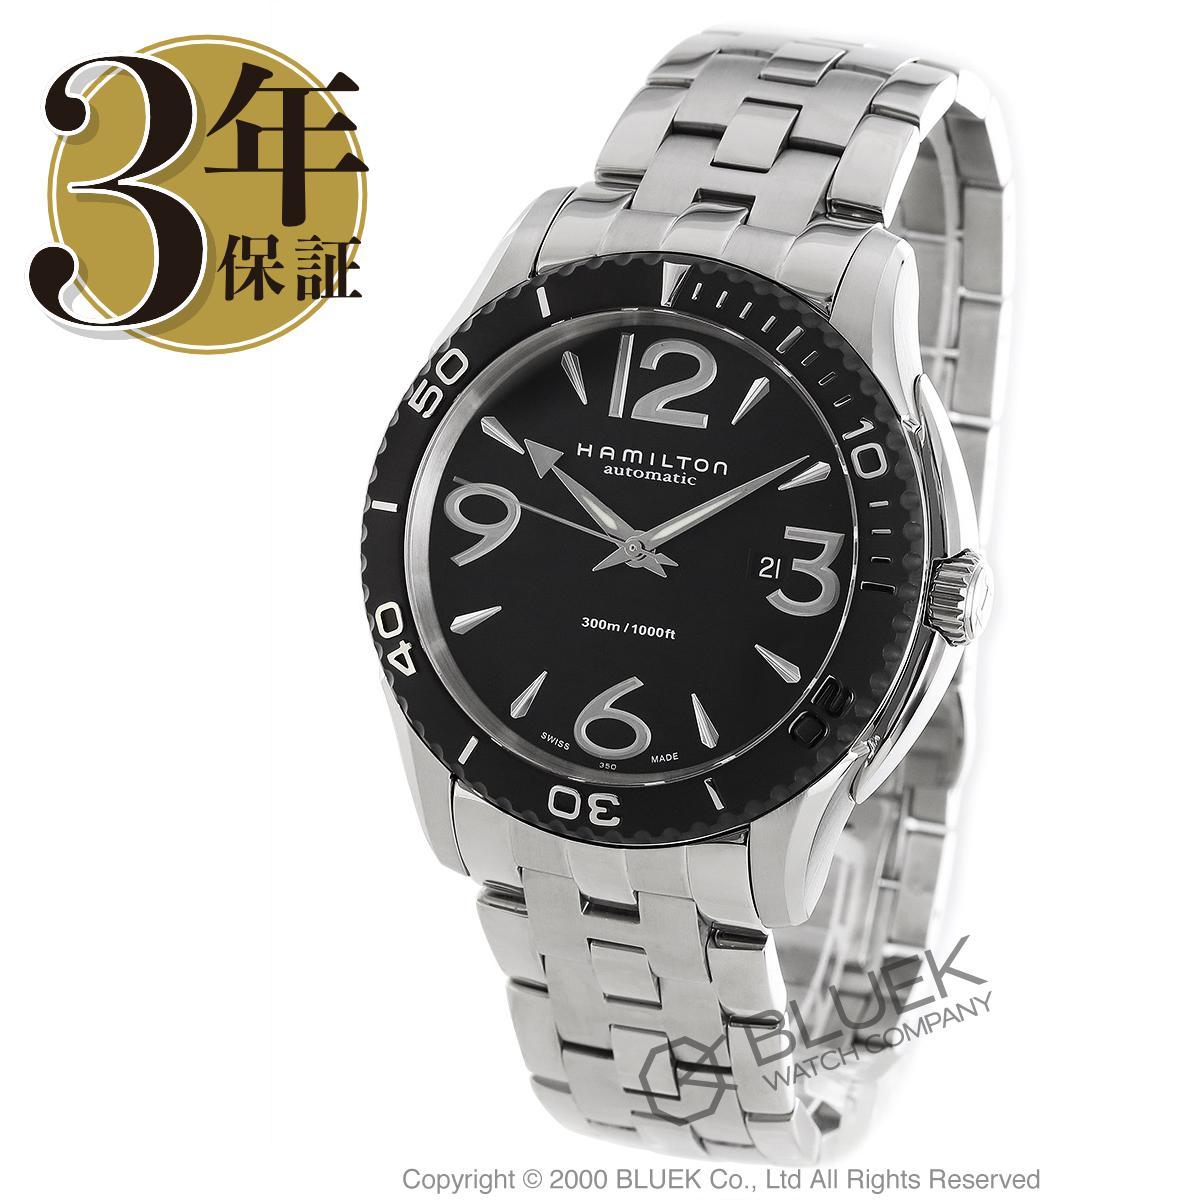 ハミルトン ジャズマスター シービュー 300m防水 腕時計 メンズ HAMILTON H37715135_8